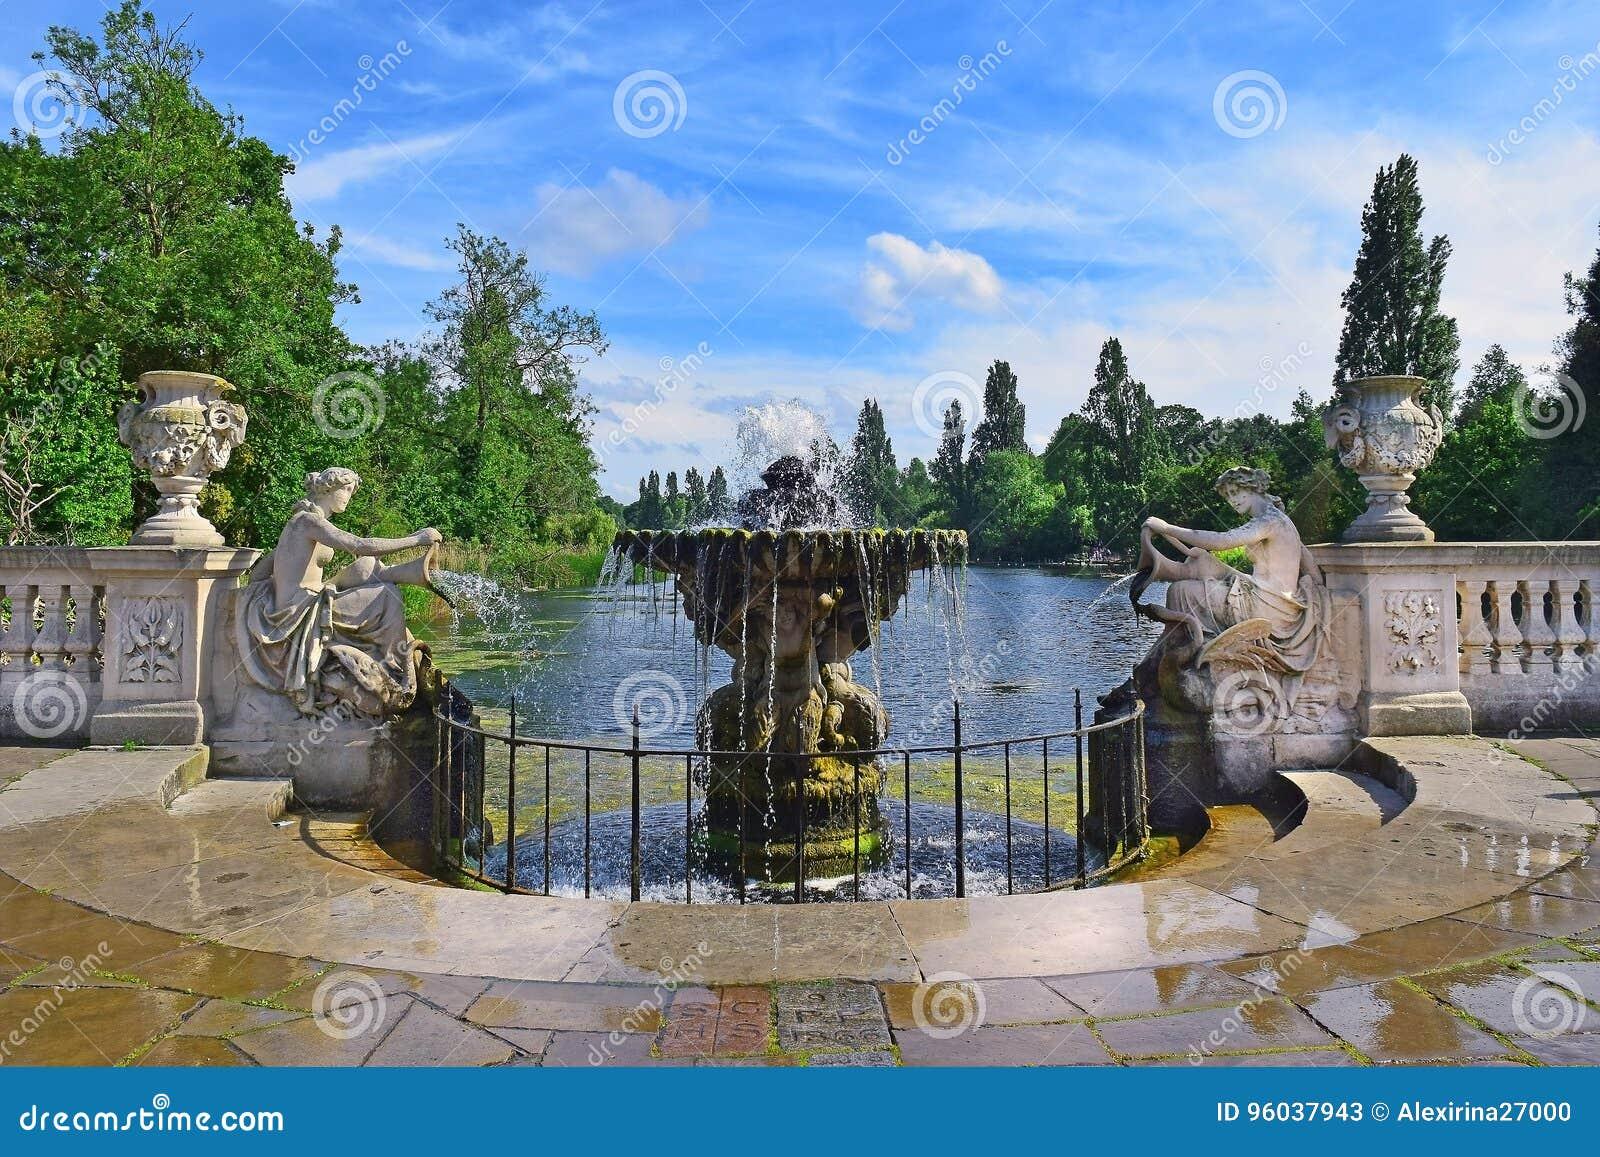 Ιταλικοί κήποι στο Χάιντ Παρκ στο Λονδίνο